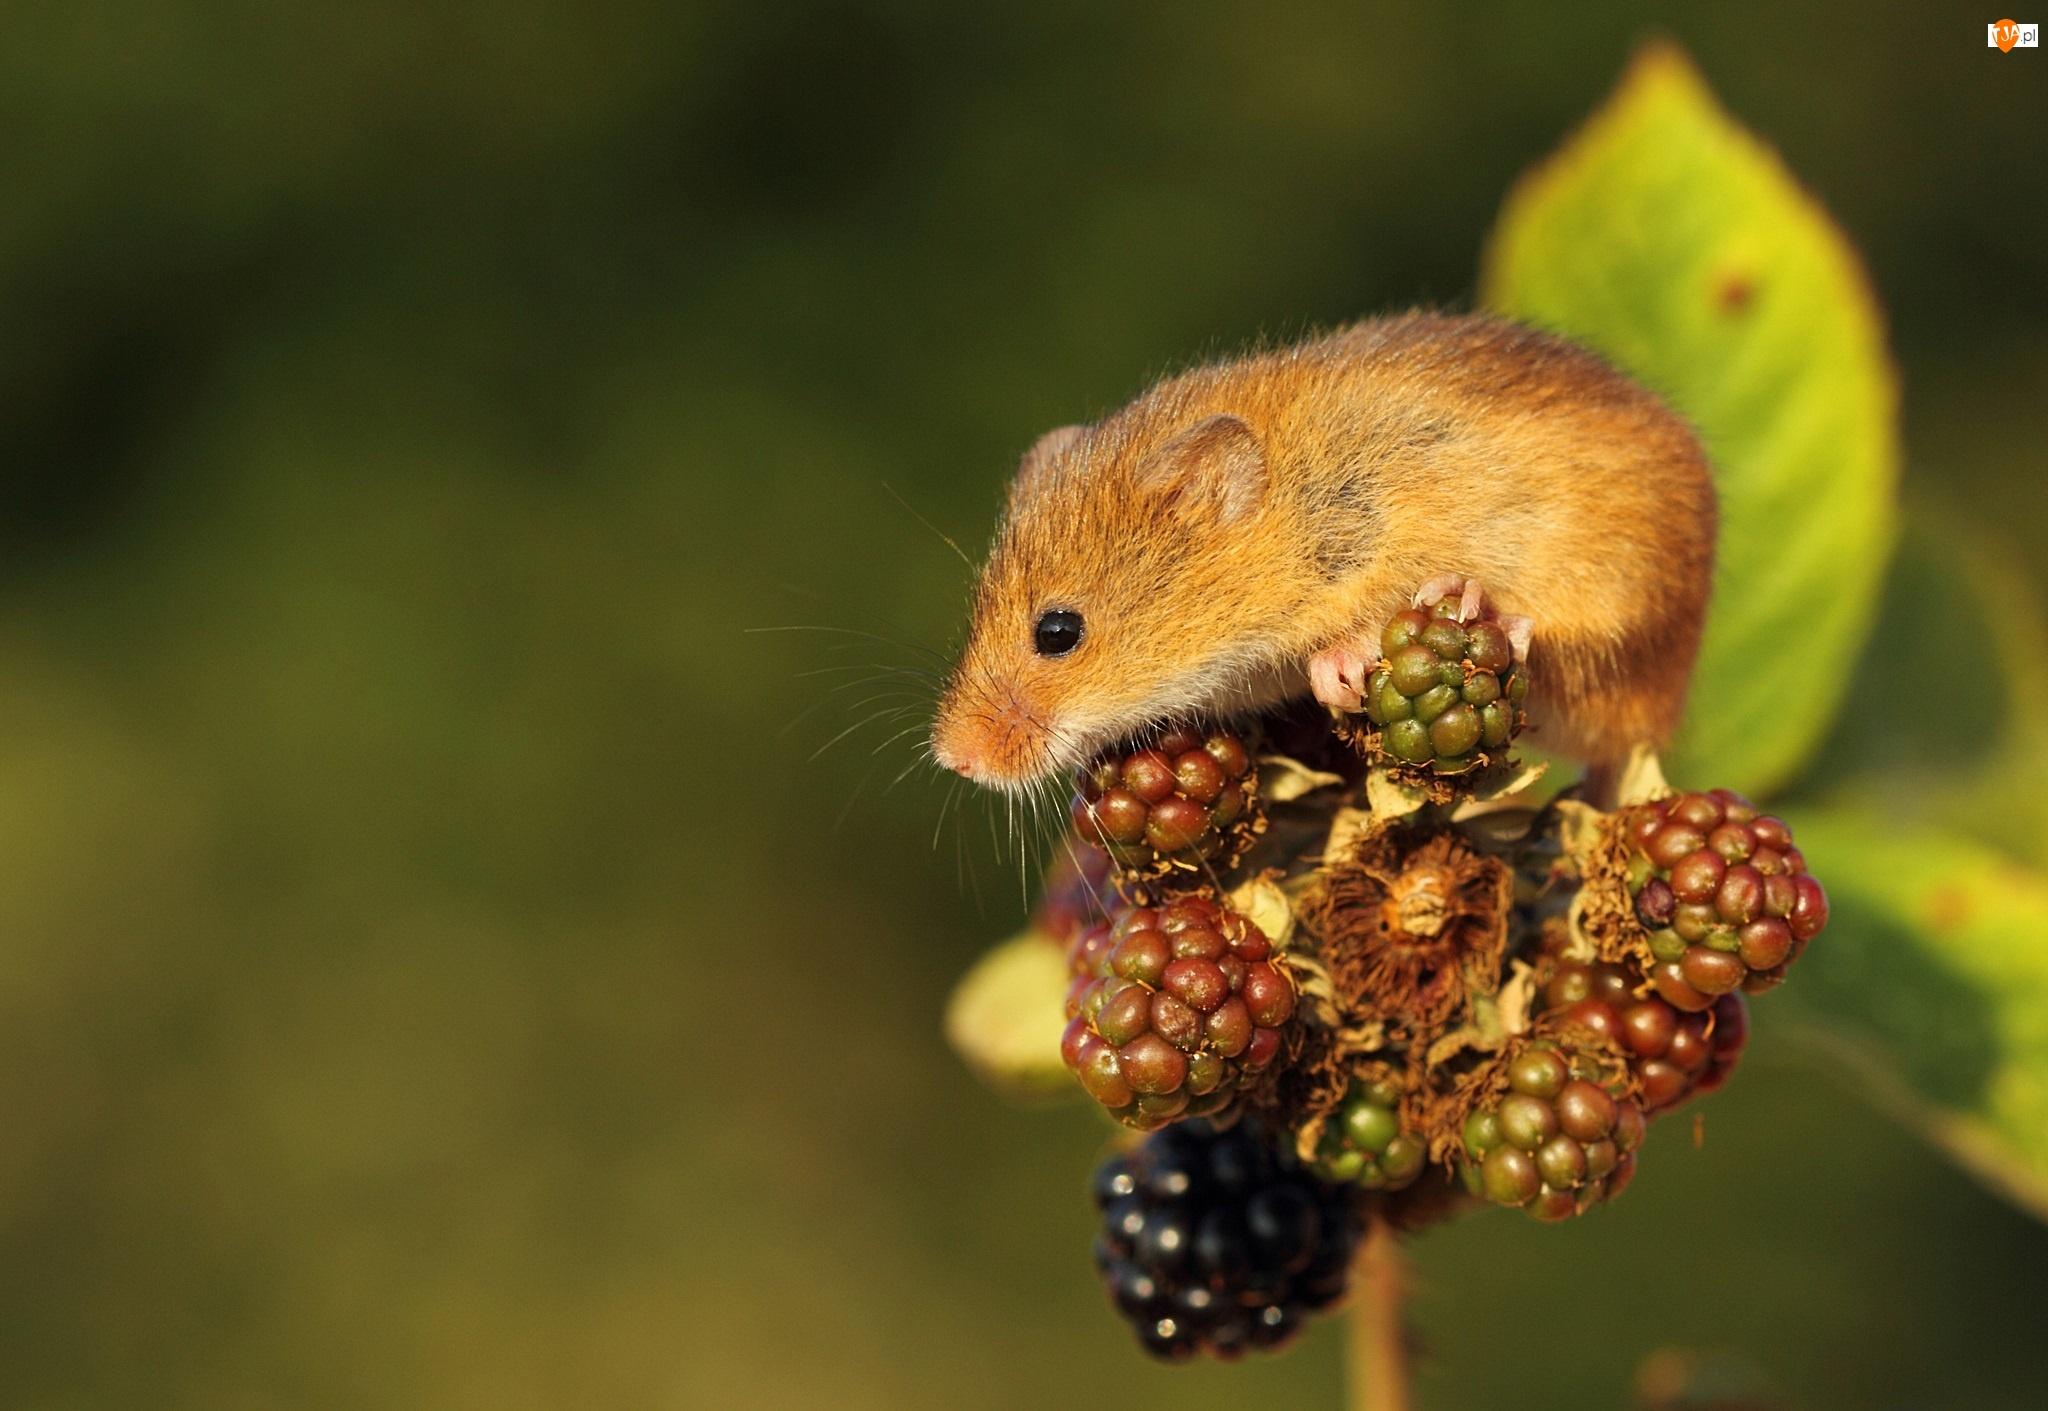 Jeżyny, Mała, Myszka